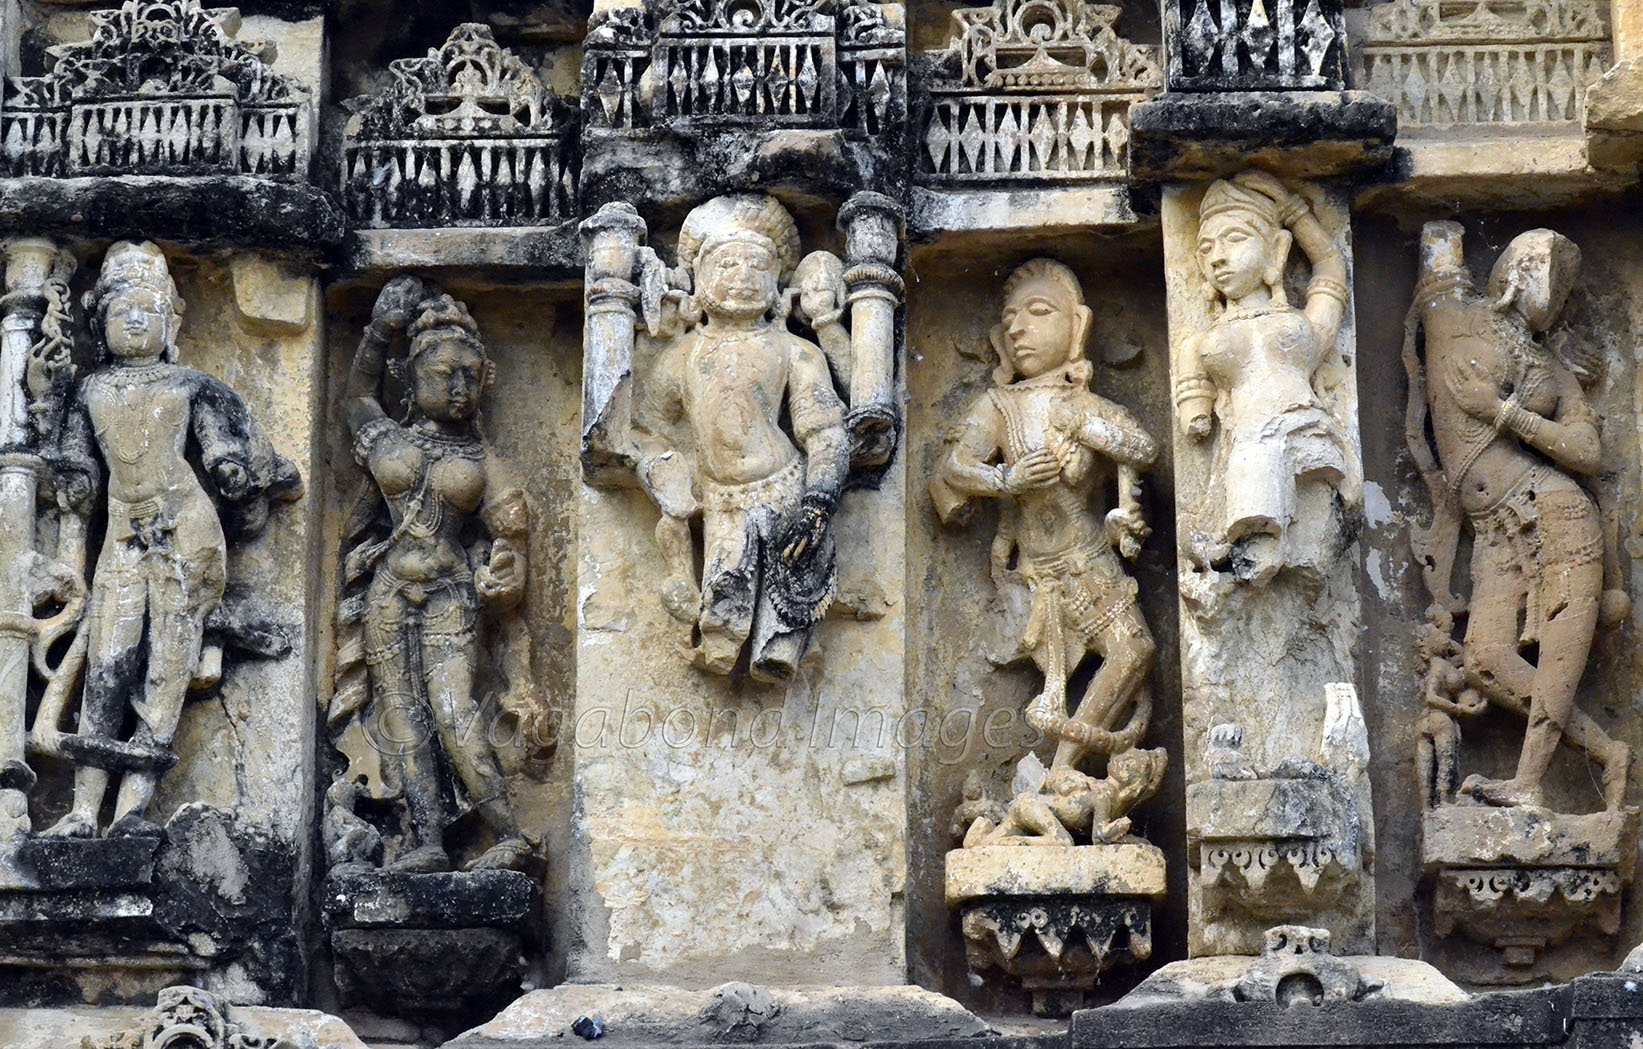 These have many similarities to Khajuraho